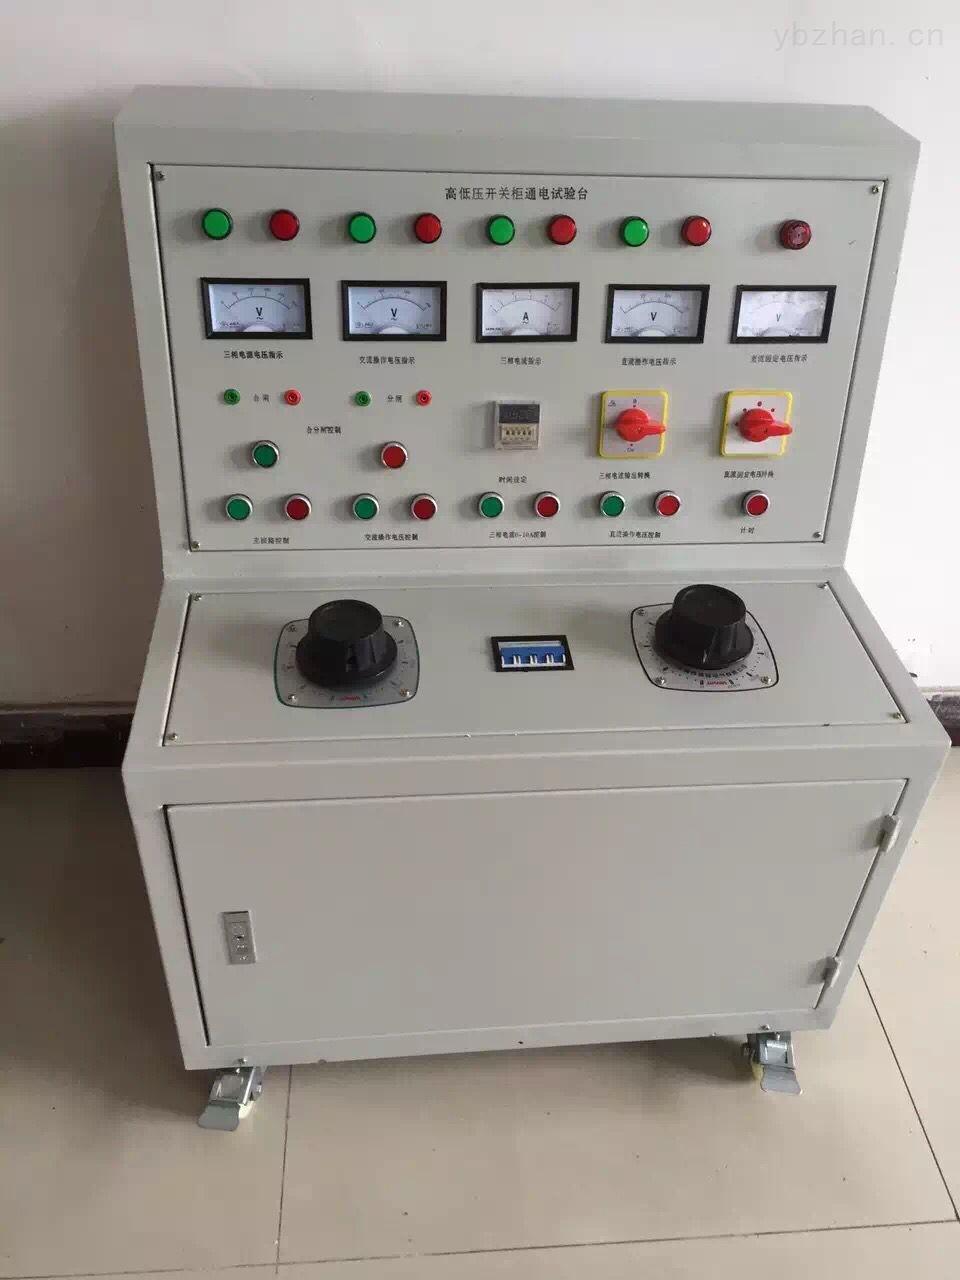 久益(含300A合闸电源)开关柜通电试验台